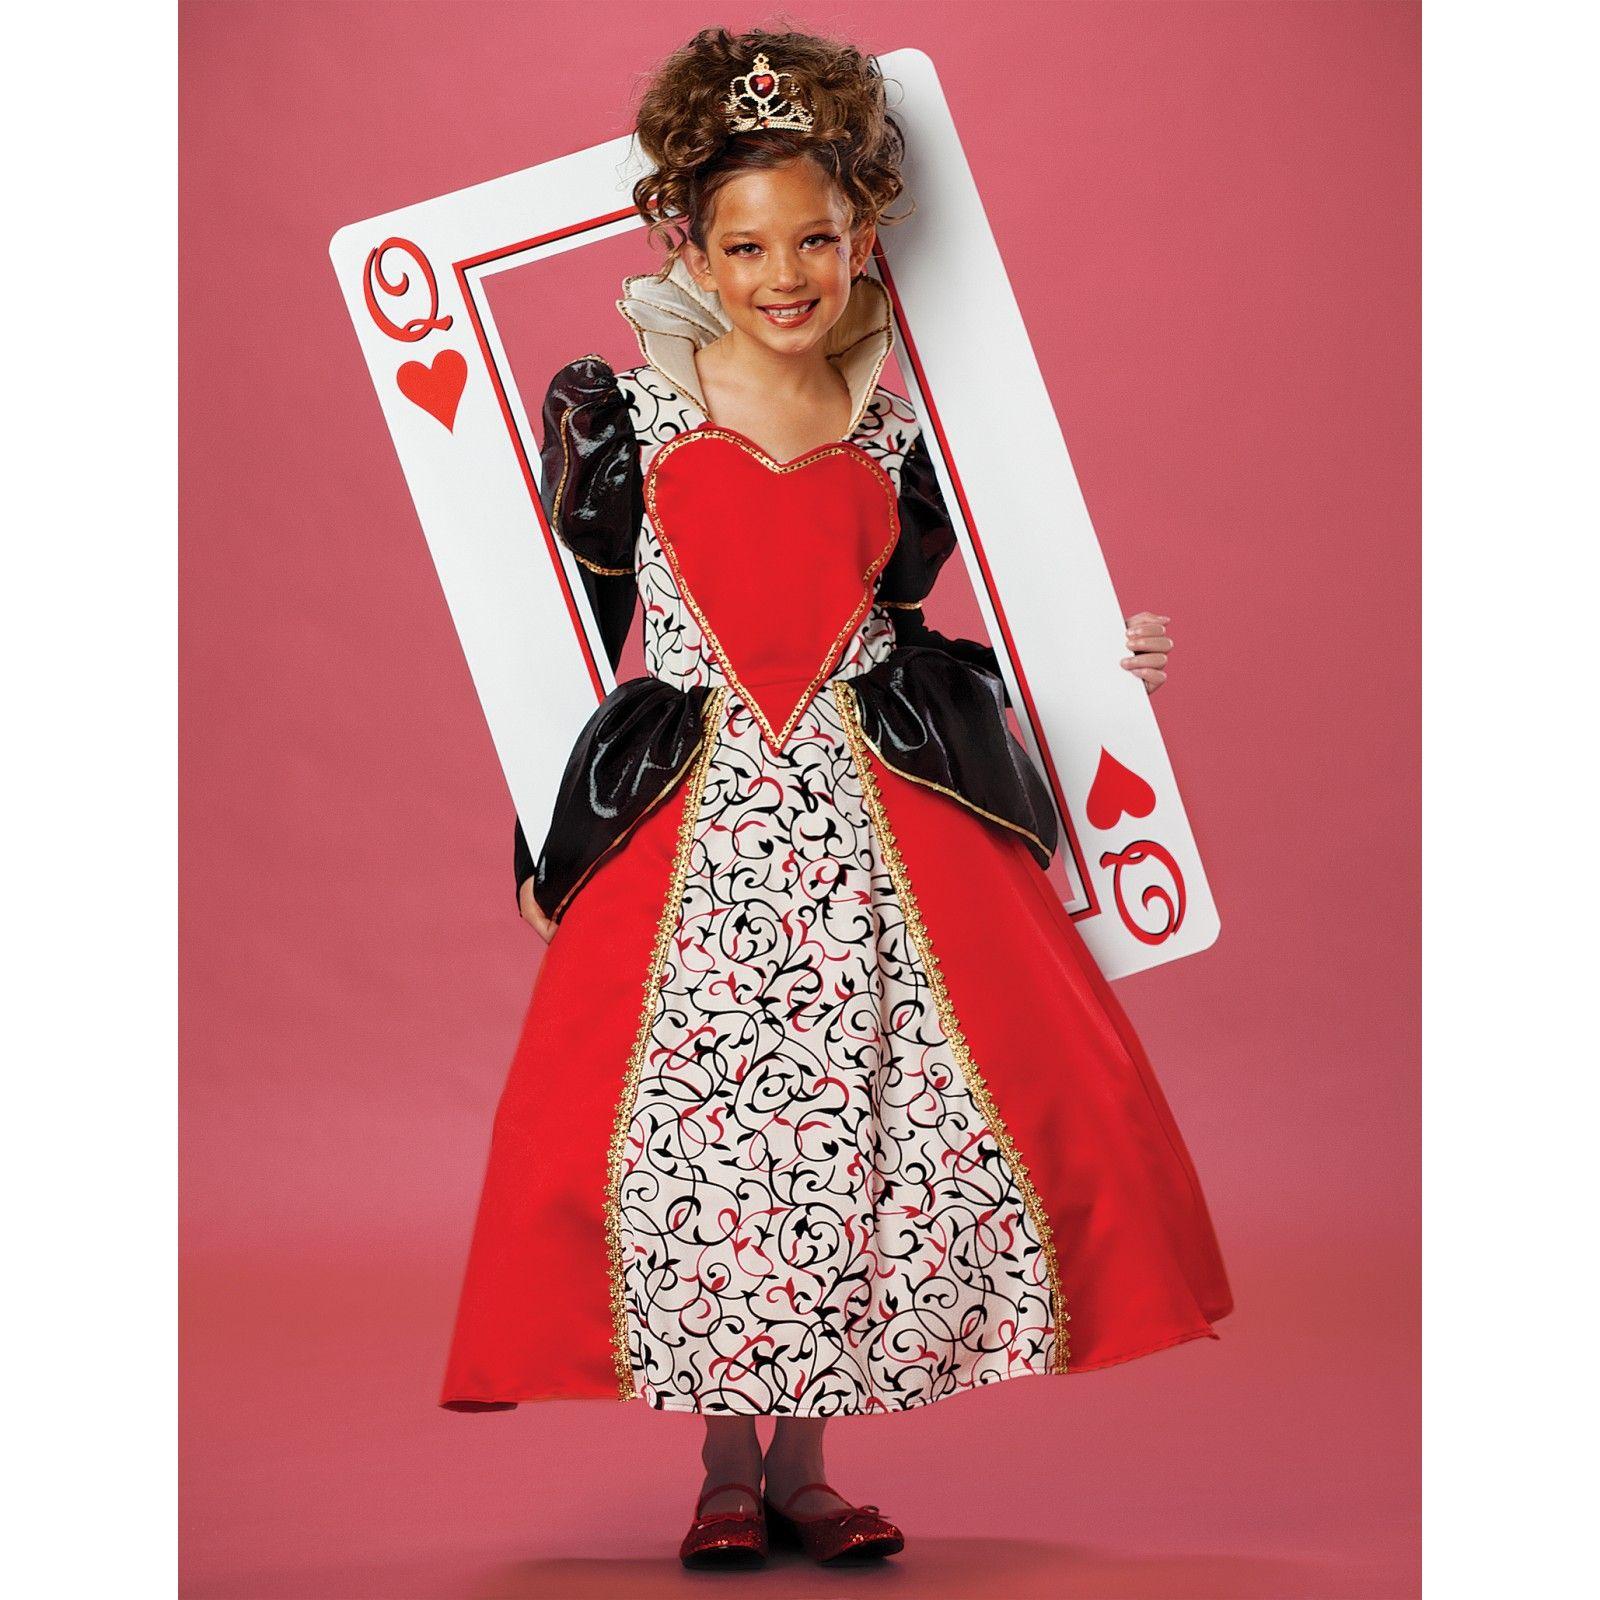 Buy Queen of Hearts Costume for Kids - Girls Halloween Costume ...